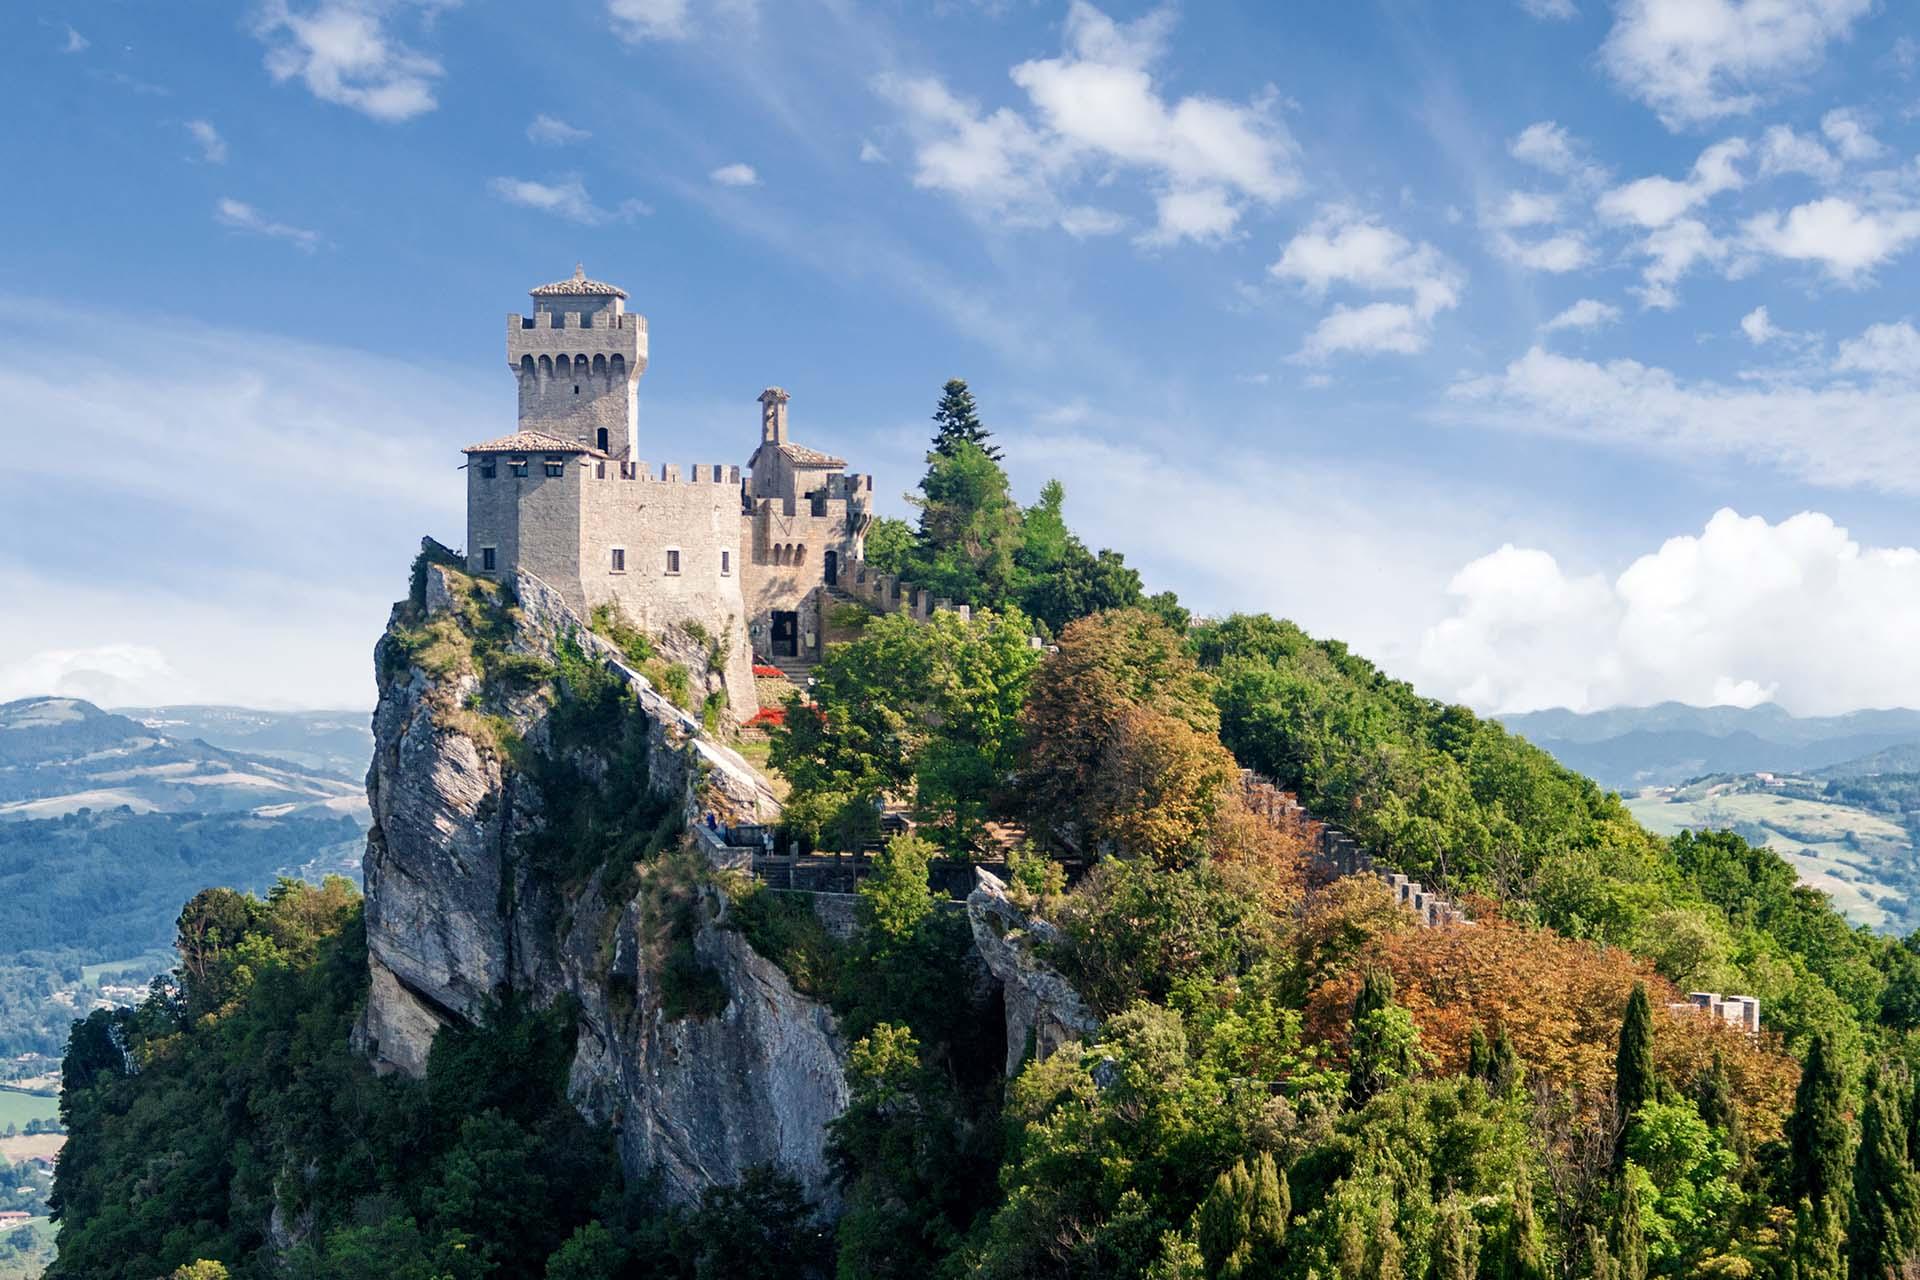 Ubicado en el este, justo por encima de la pantorrilla exterior de la bota de Italia, San Marino es completamente independiente del país que lo rodea. De campos de estilo toscano y hermosas calles empedradas, el lugar tiene su propio castillo de cuento de hadas en la cima de Monte Titano, Patrimonio de la Humanidad por la UNESCO